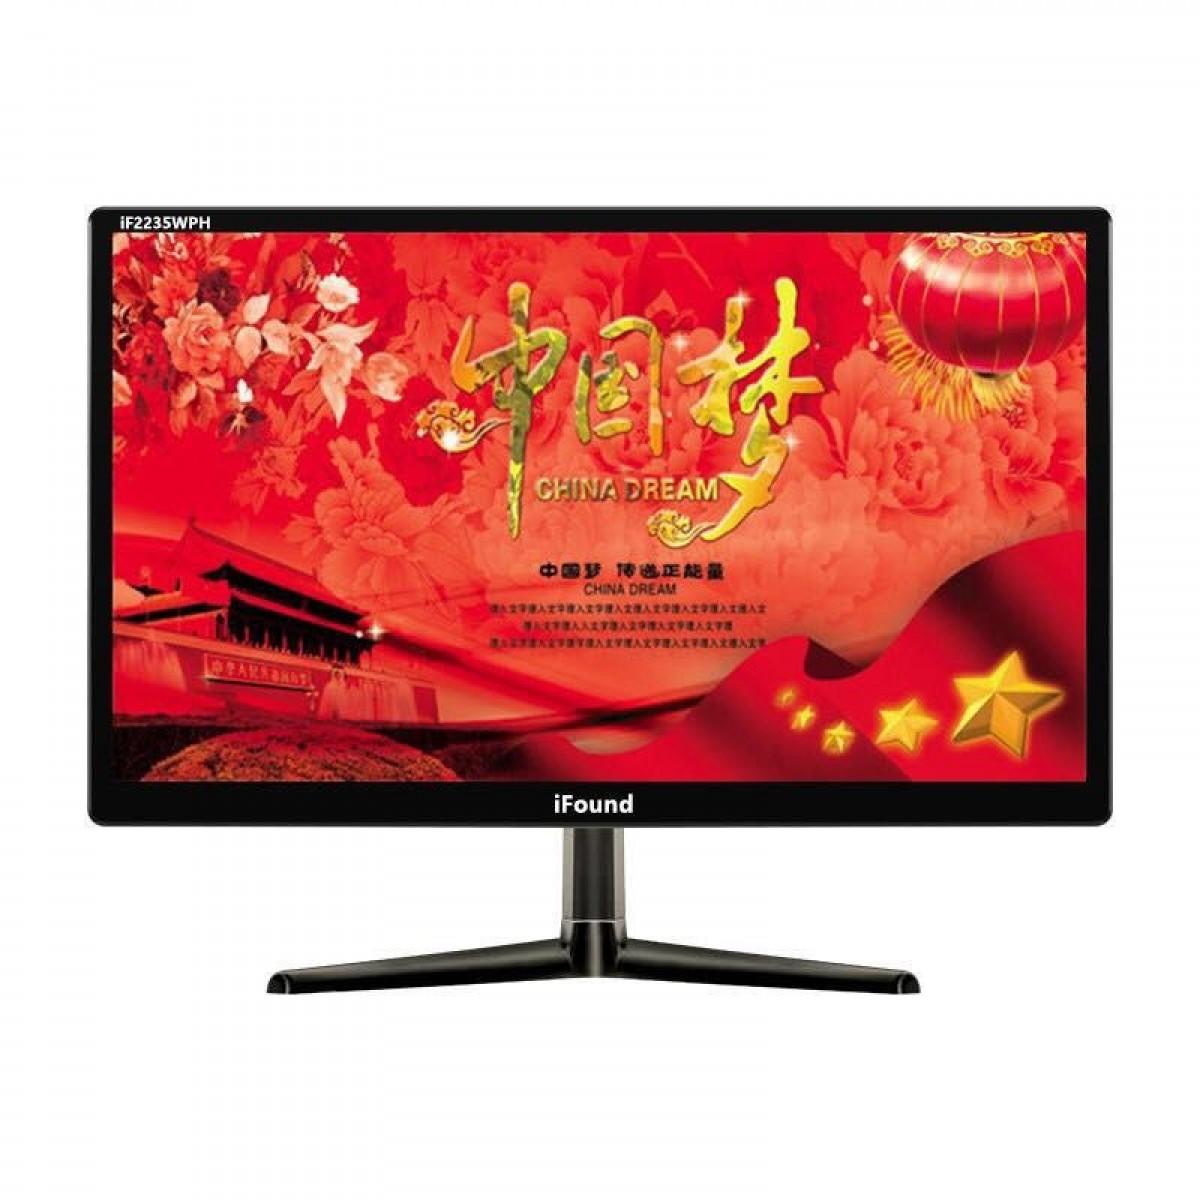 iFound iF2235WPH  21英寸 LED屏 液晶显示器